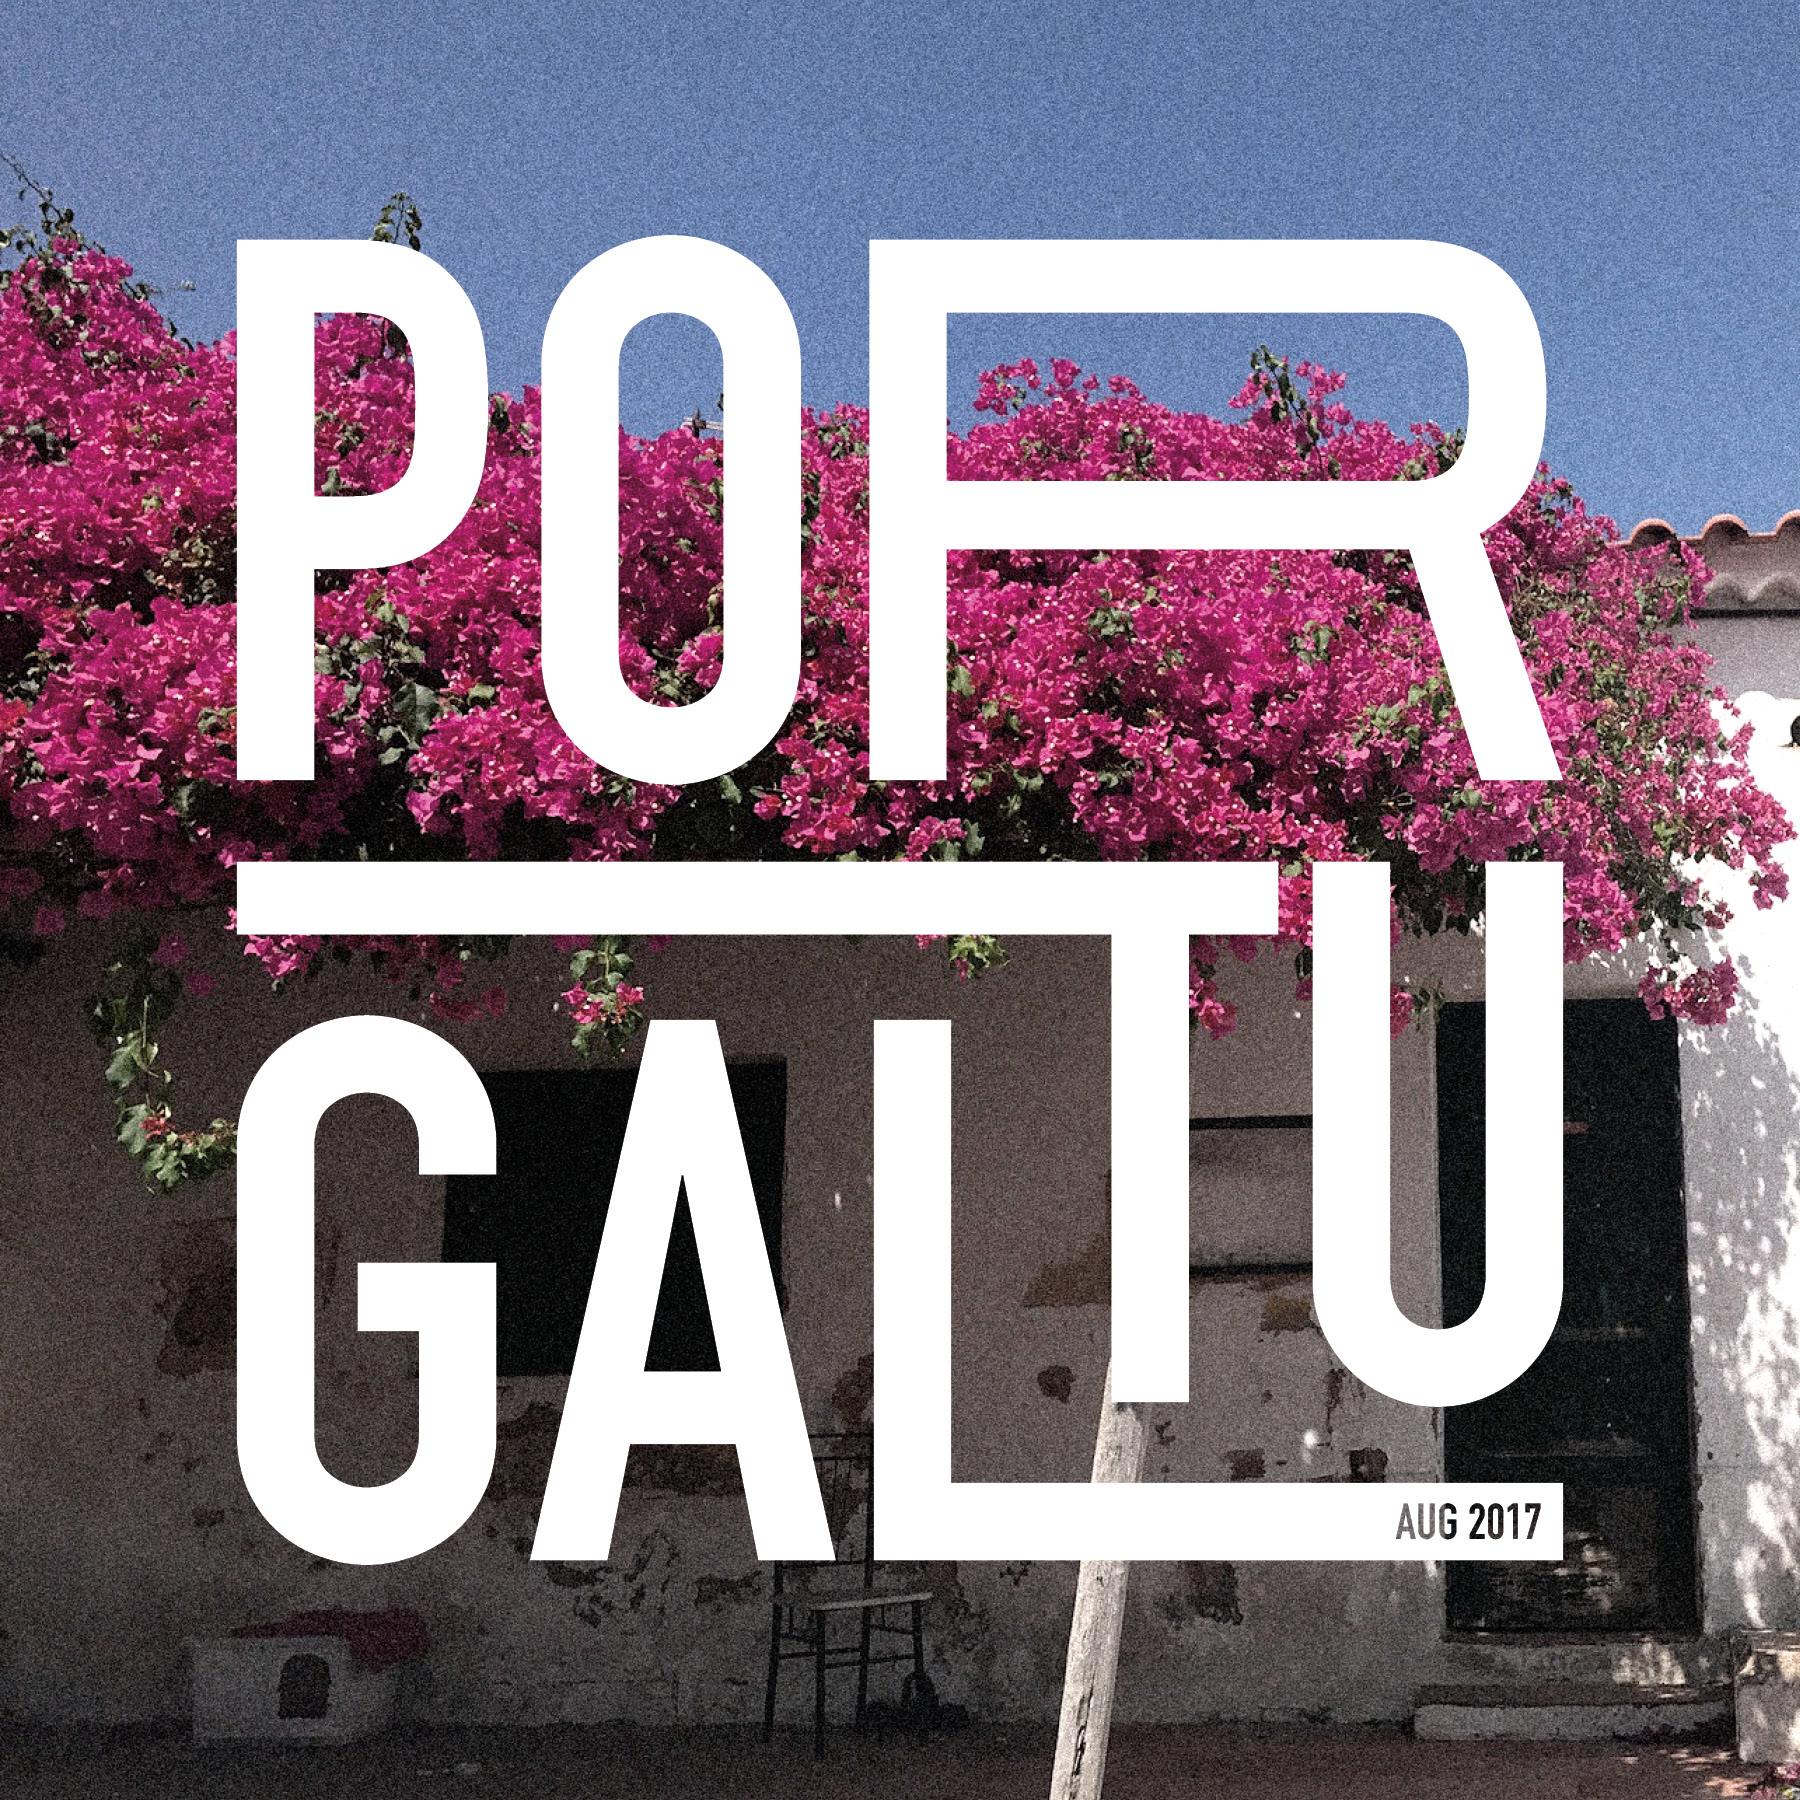 Portugal_Travel_Journal_2017.jpg